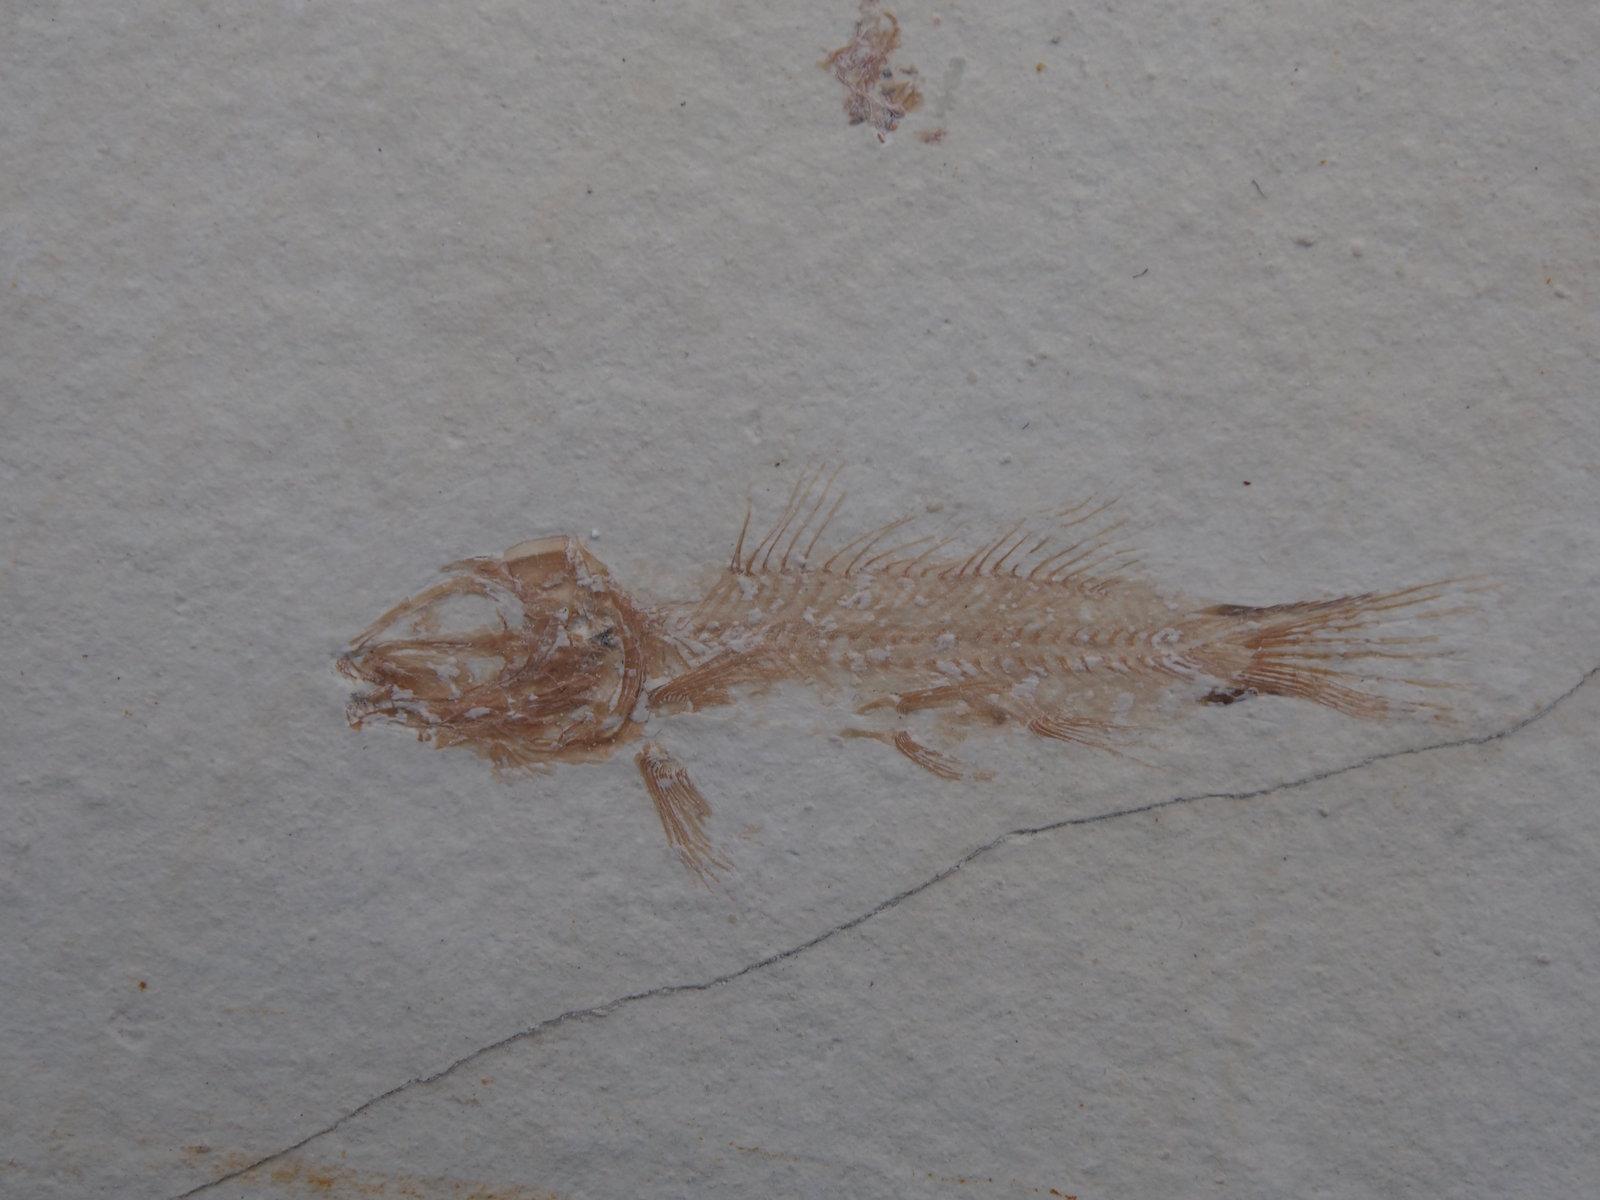 Notagogus denticulatus Agassiz 1843